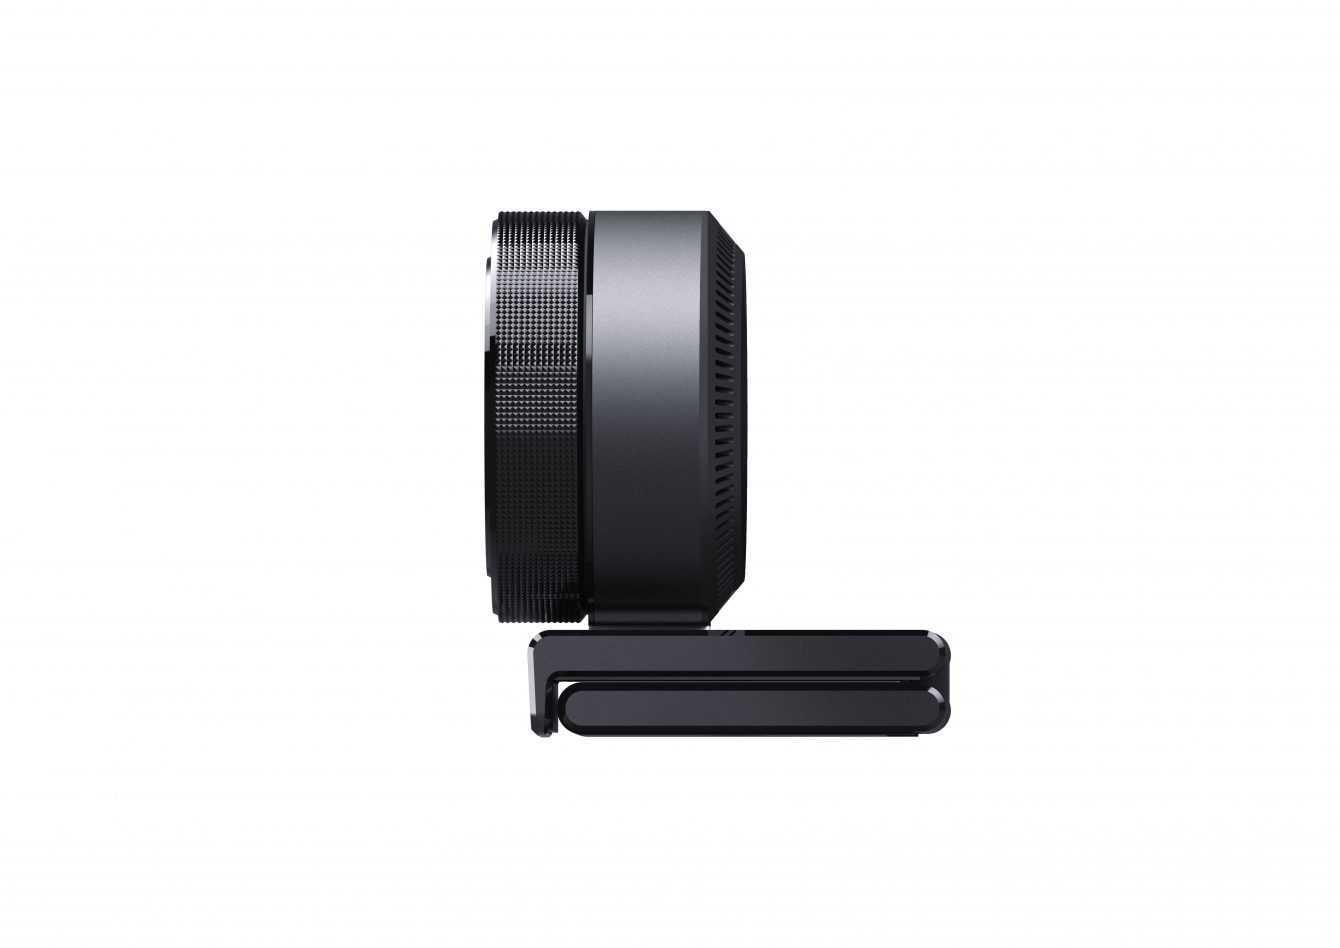 Kiyo Pro è la nuova webcam di Razer che sfrutta la tecnologia STARVIS